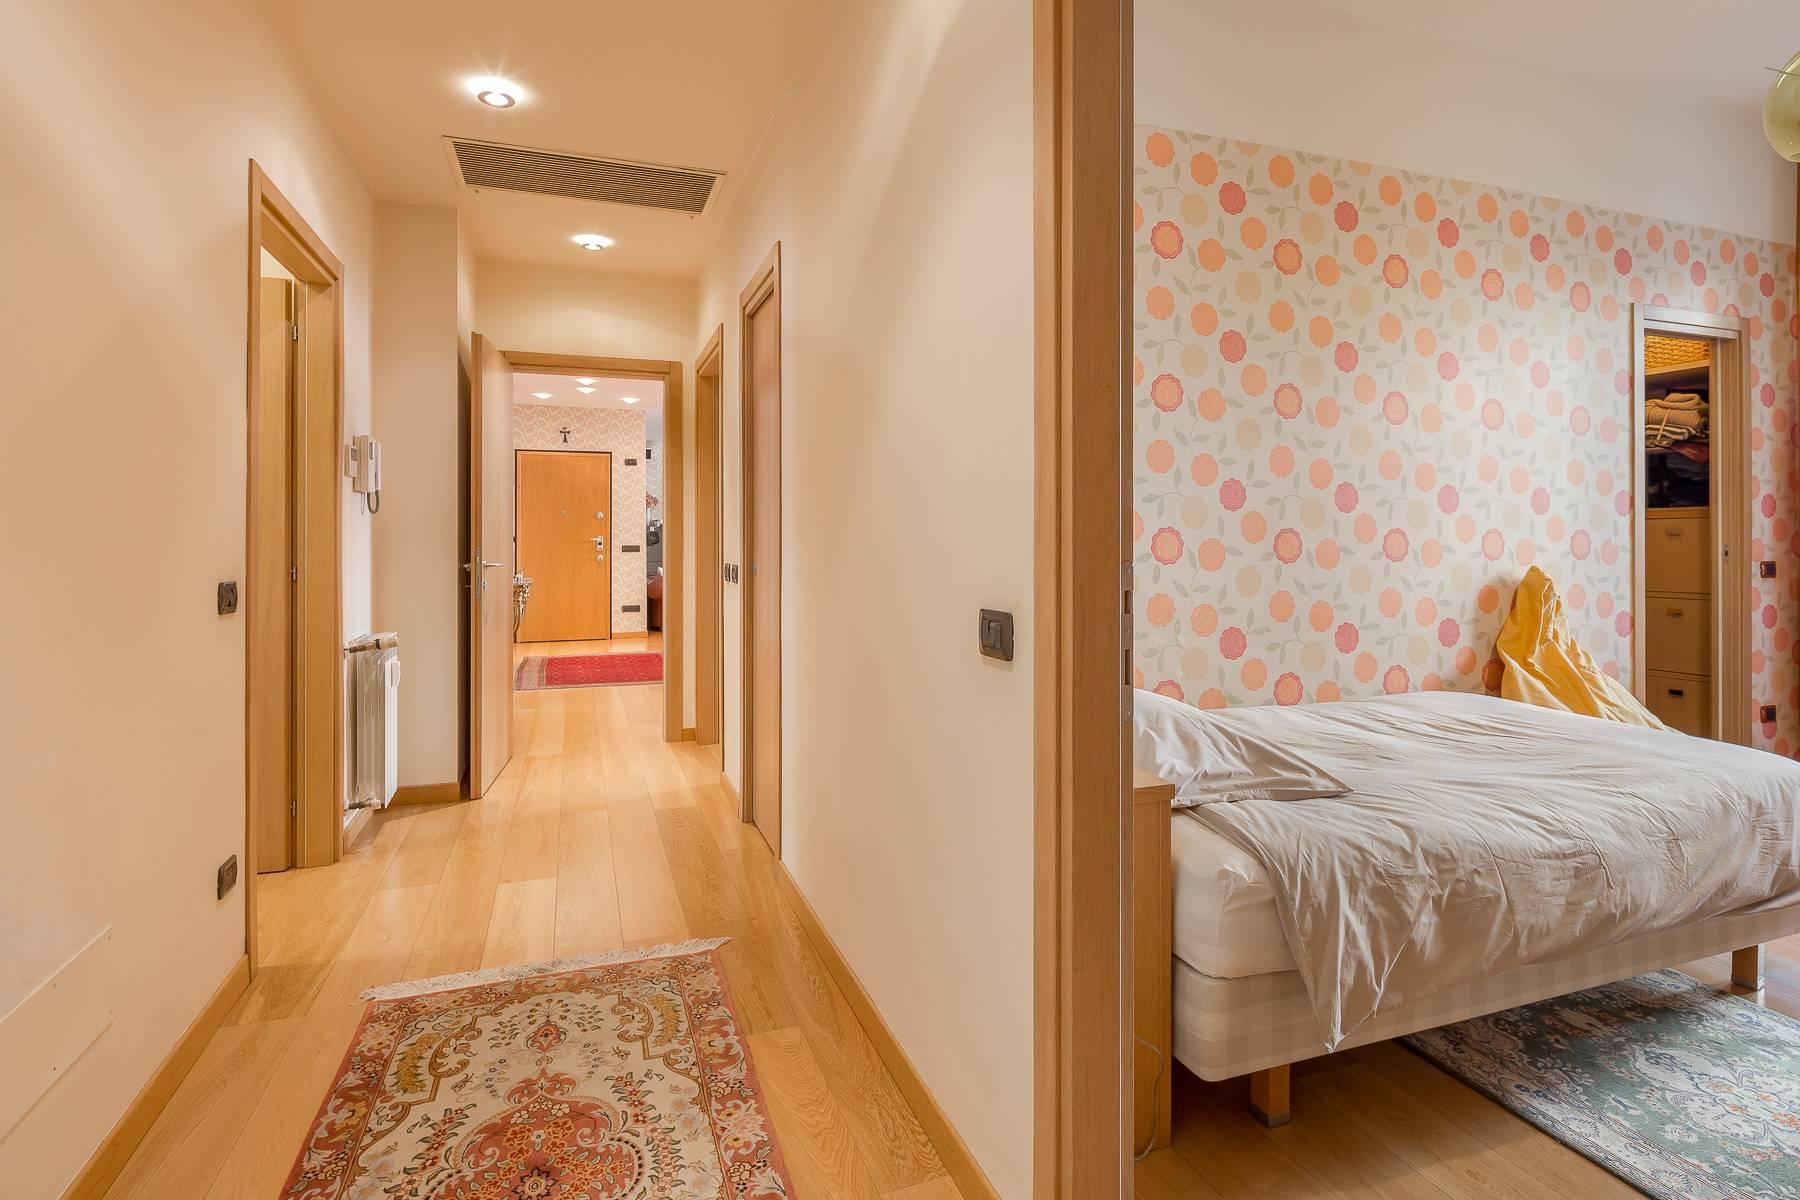 Appartement de style classique situé Via Besana - 20